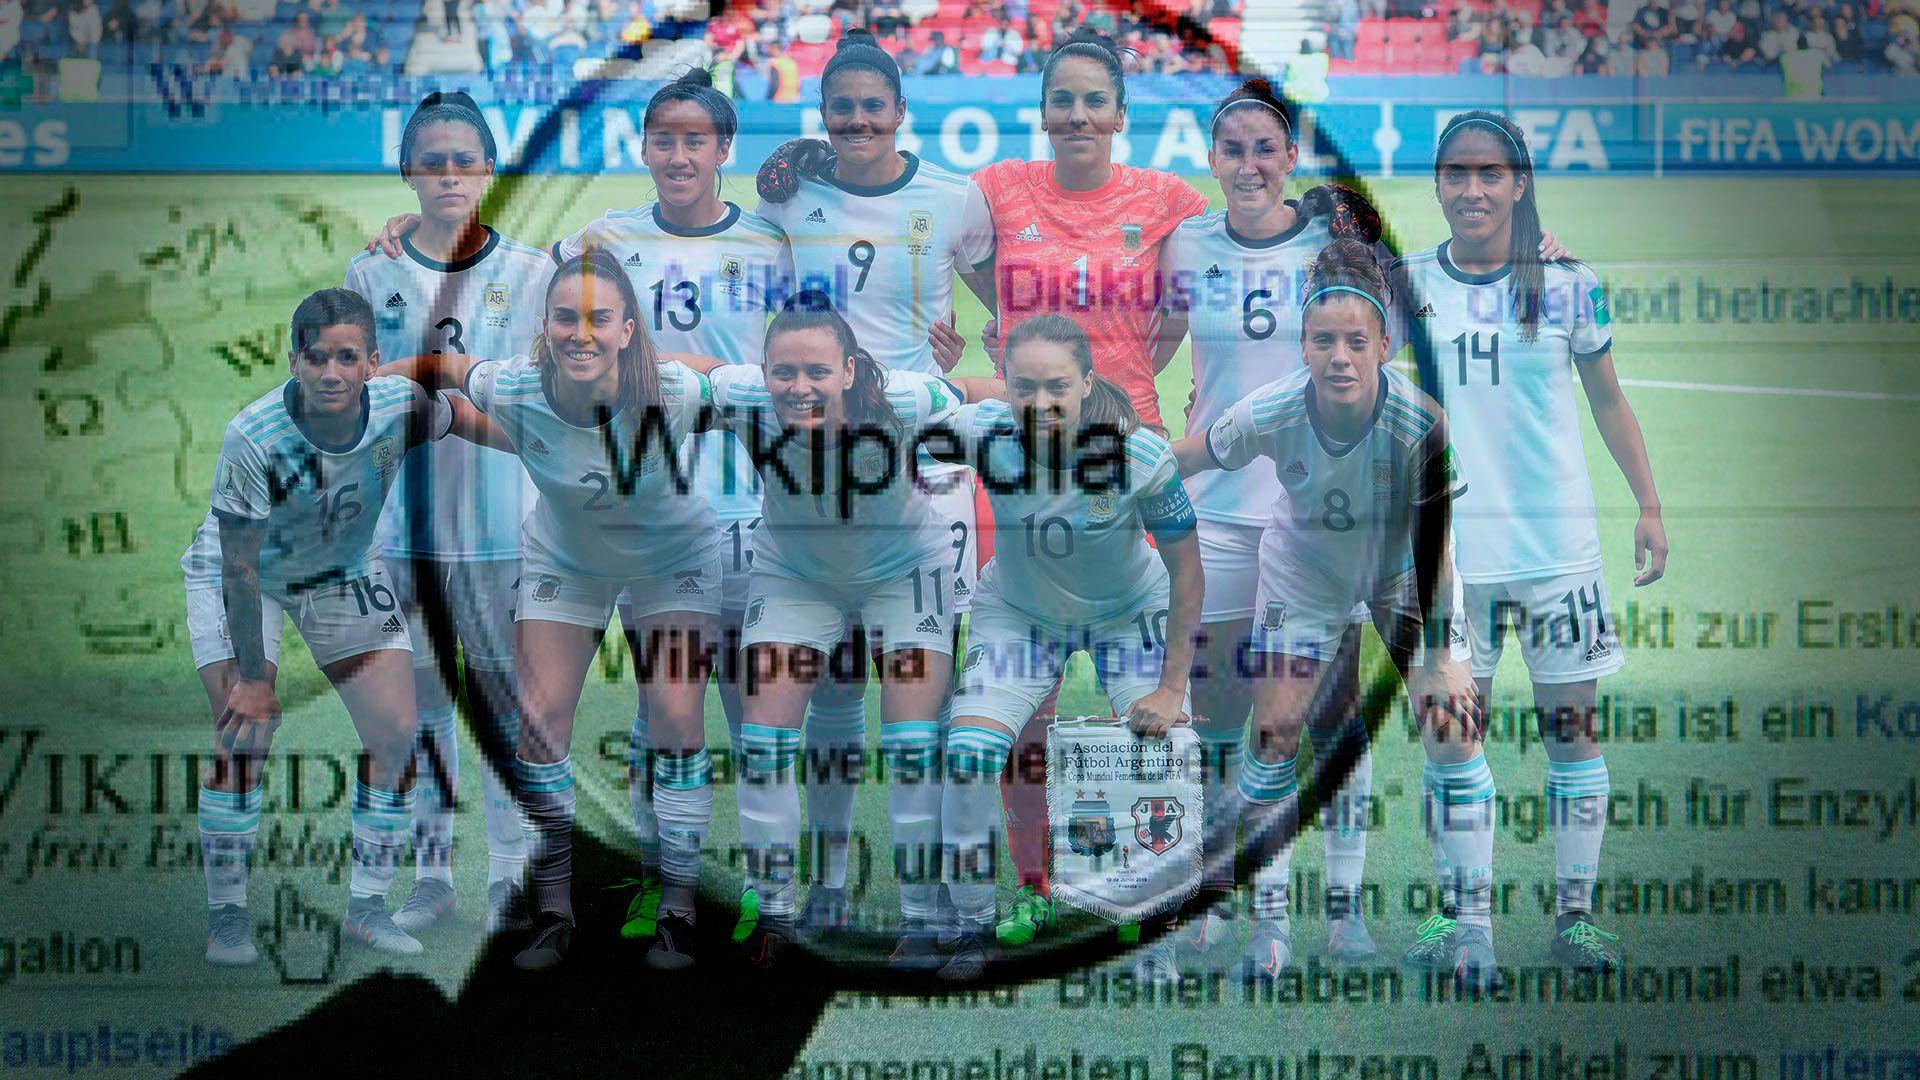 Jugadoras de fútbol en Wikipedia